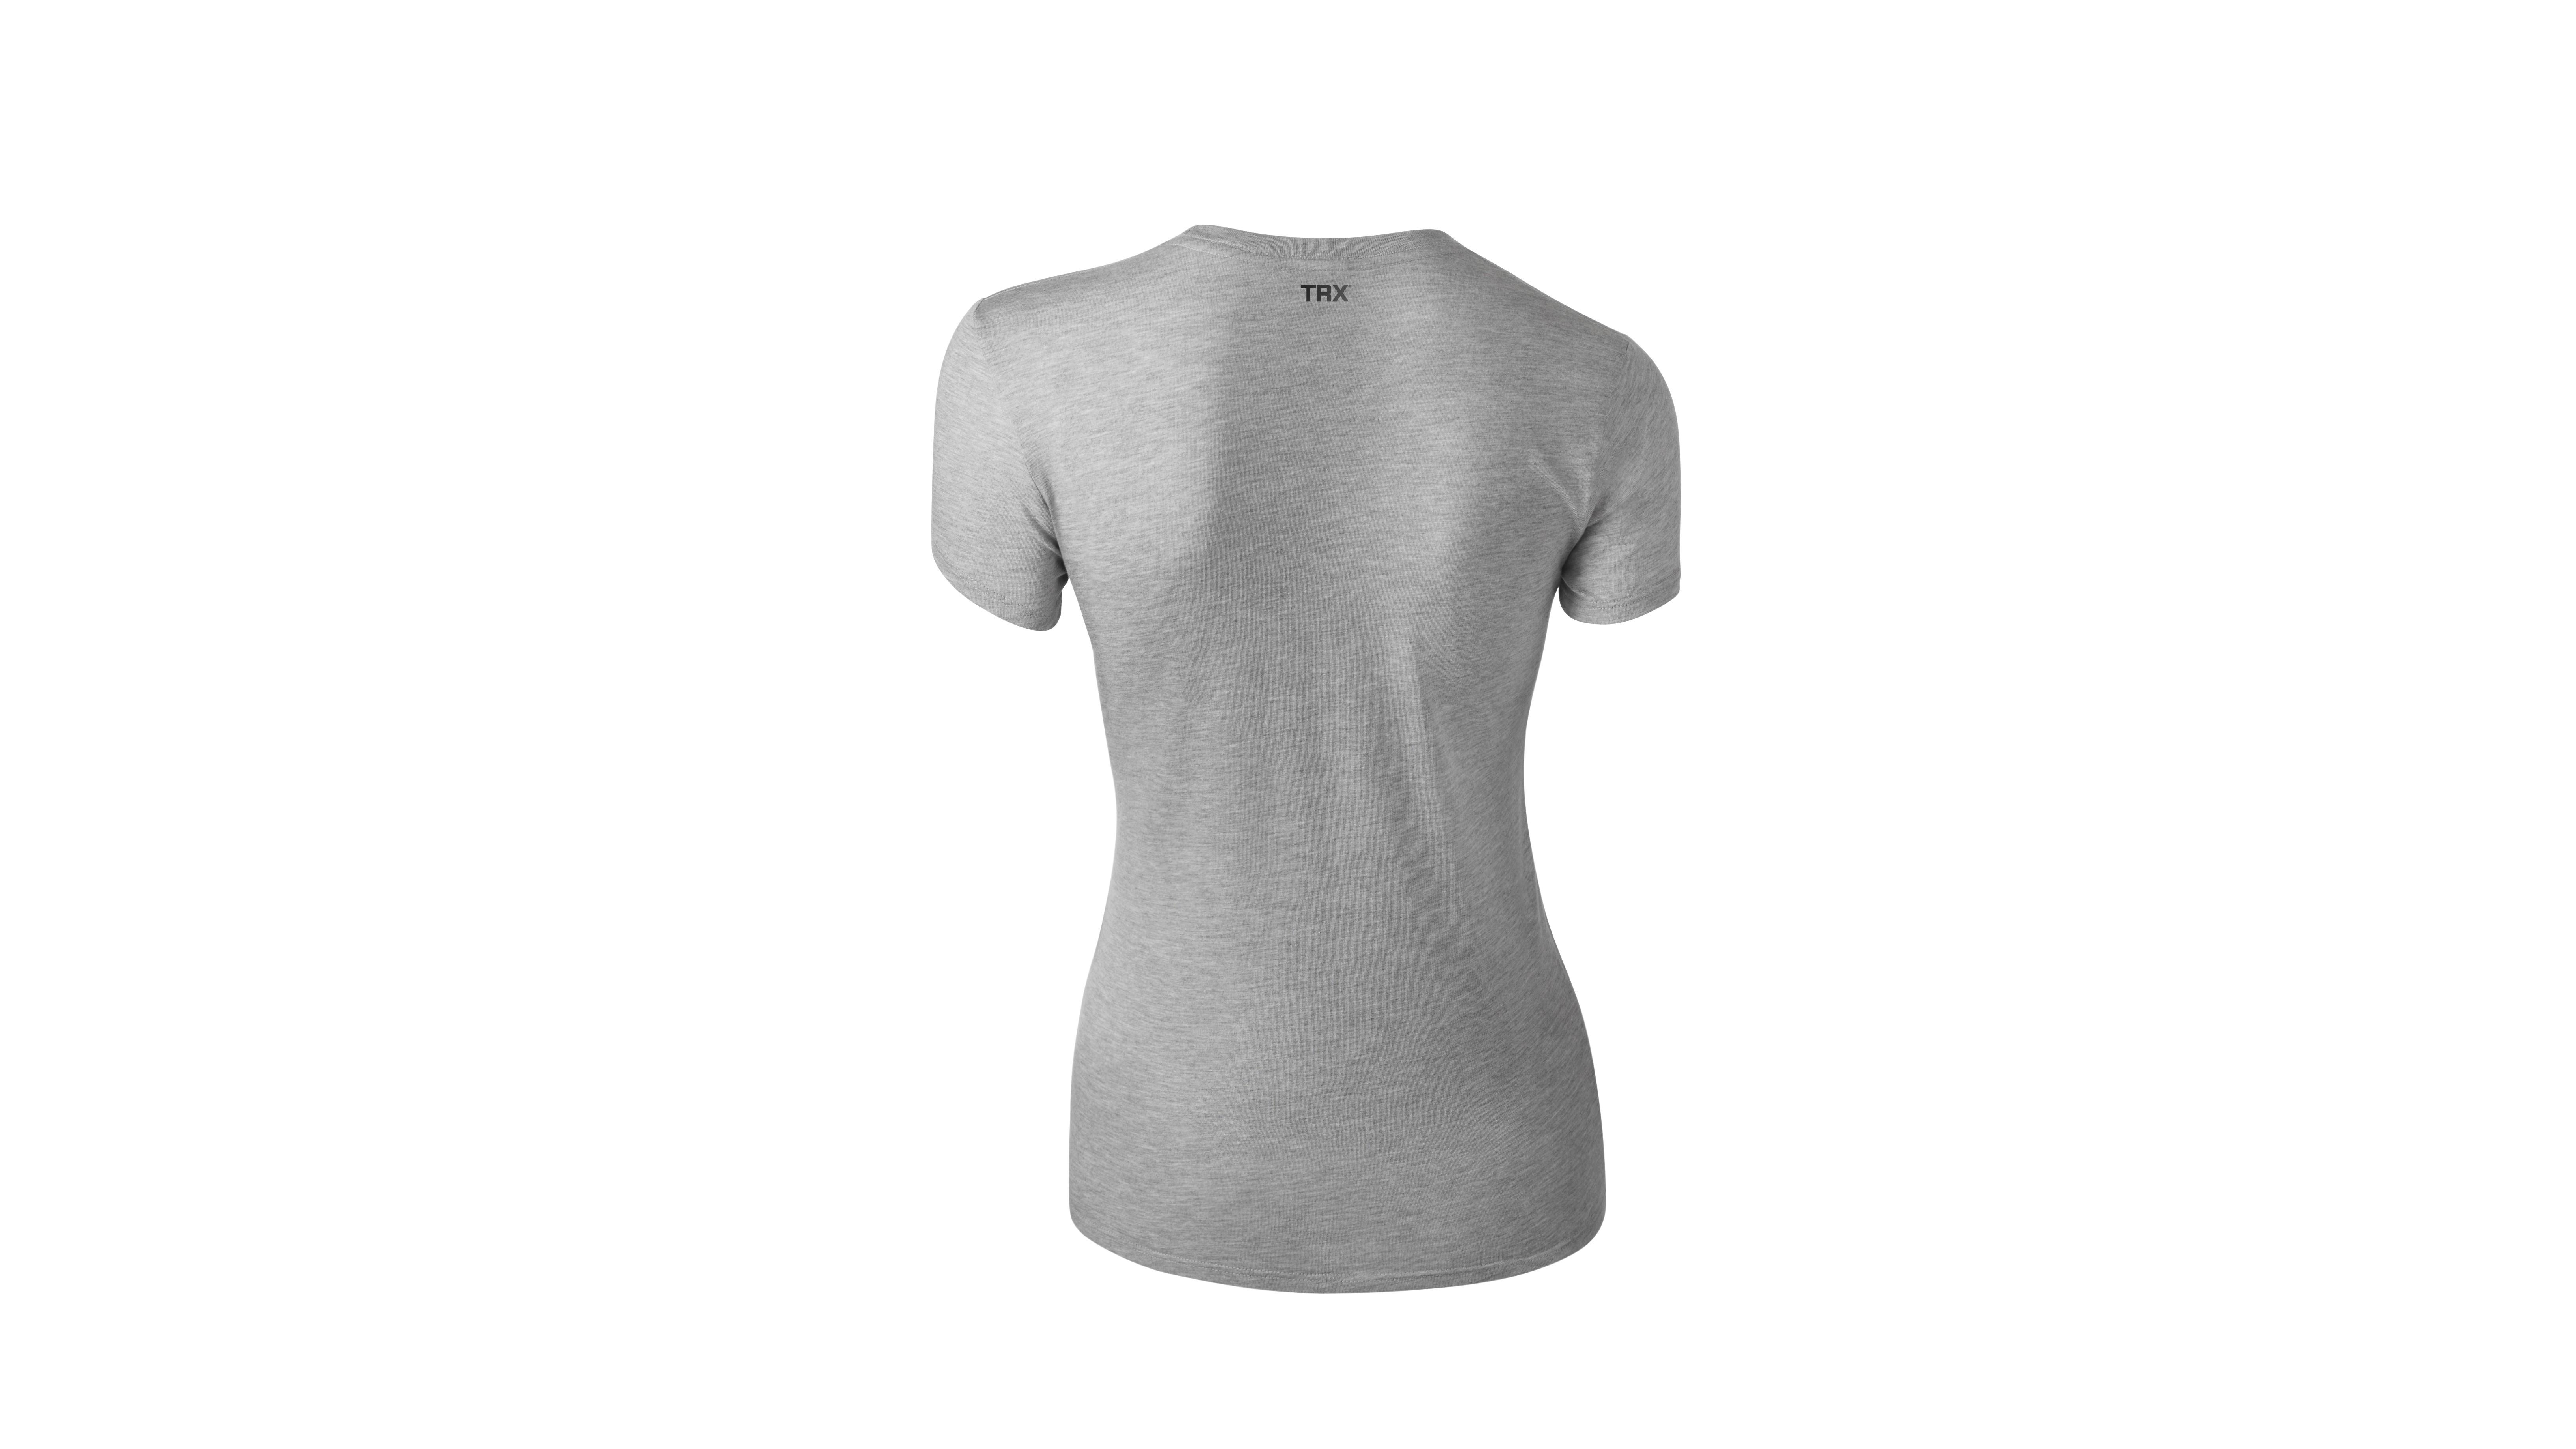 T-Shirt MYBYM Schwarz auf Grau Frauen Medium